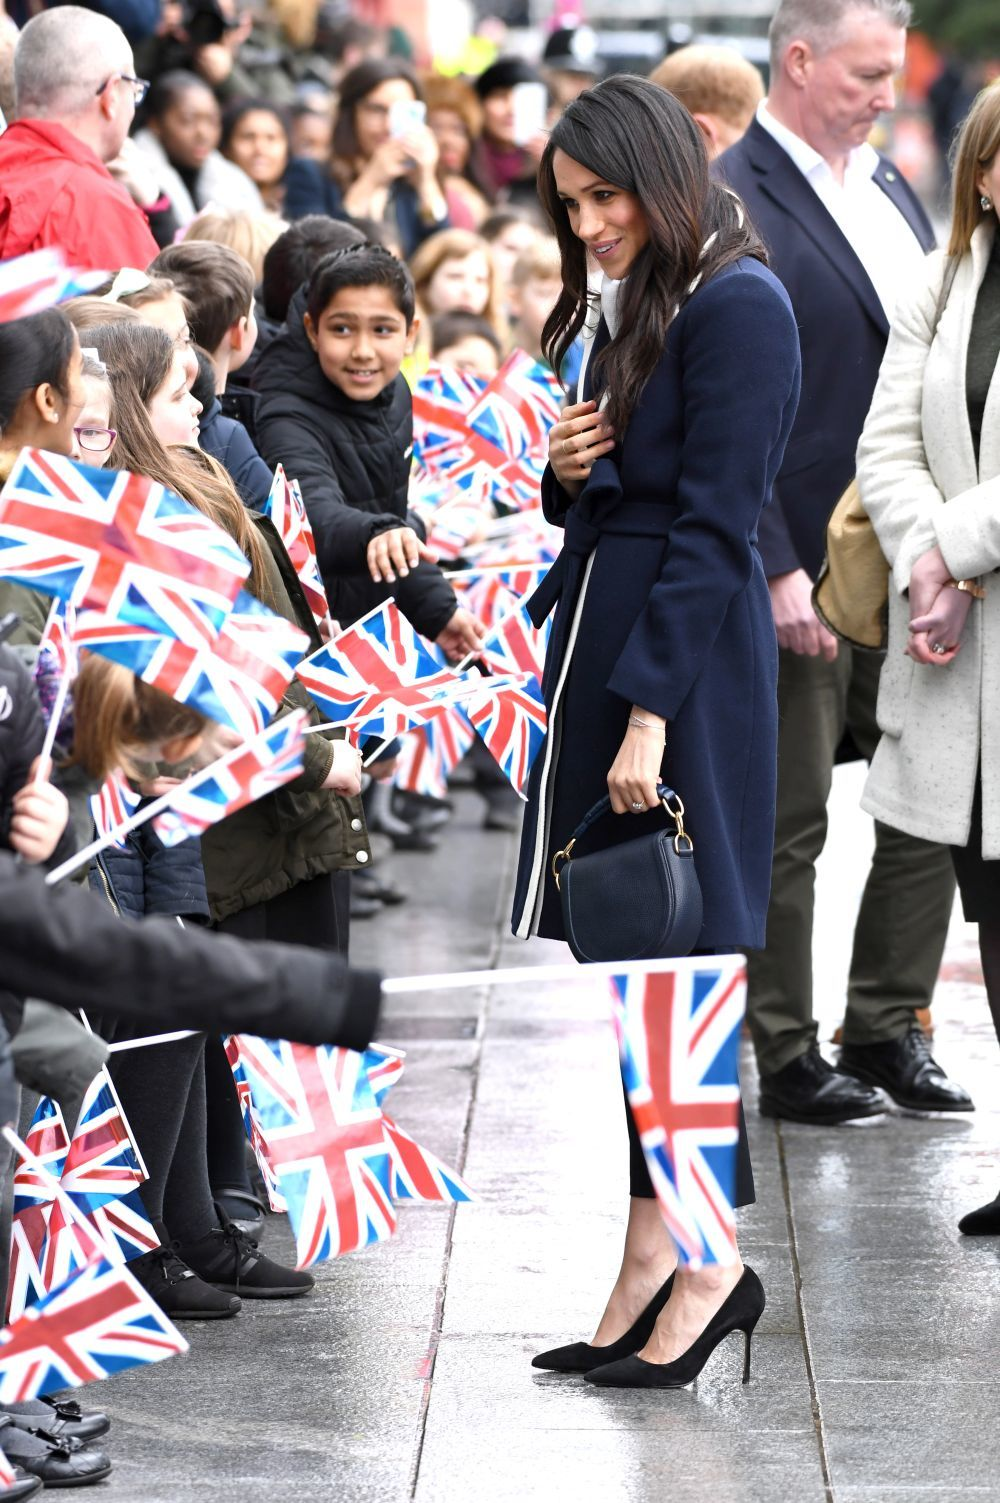 Meghan Markle en un acto público, con banderas de Reino Unido.